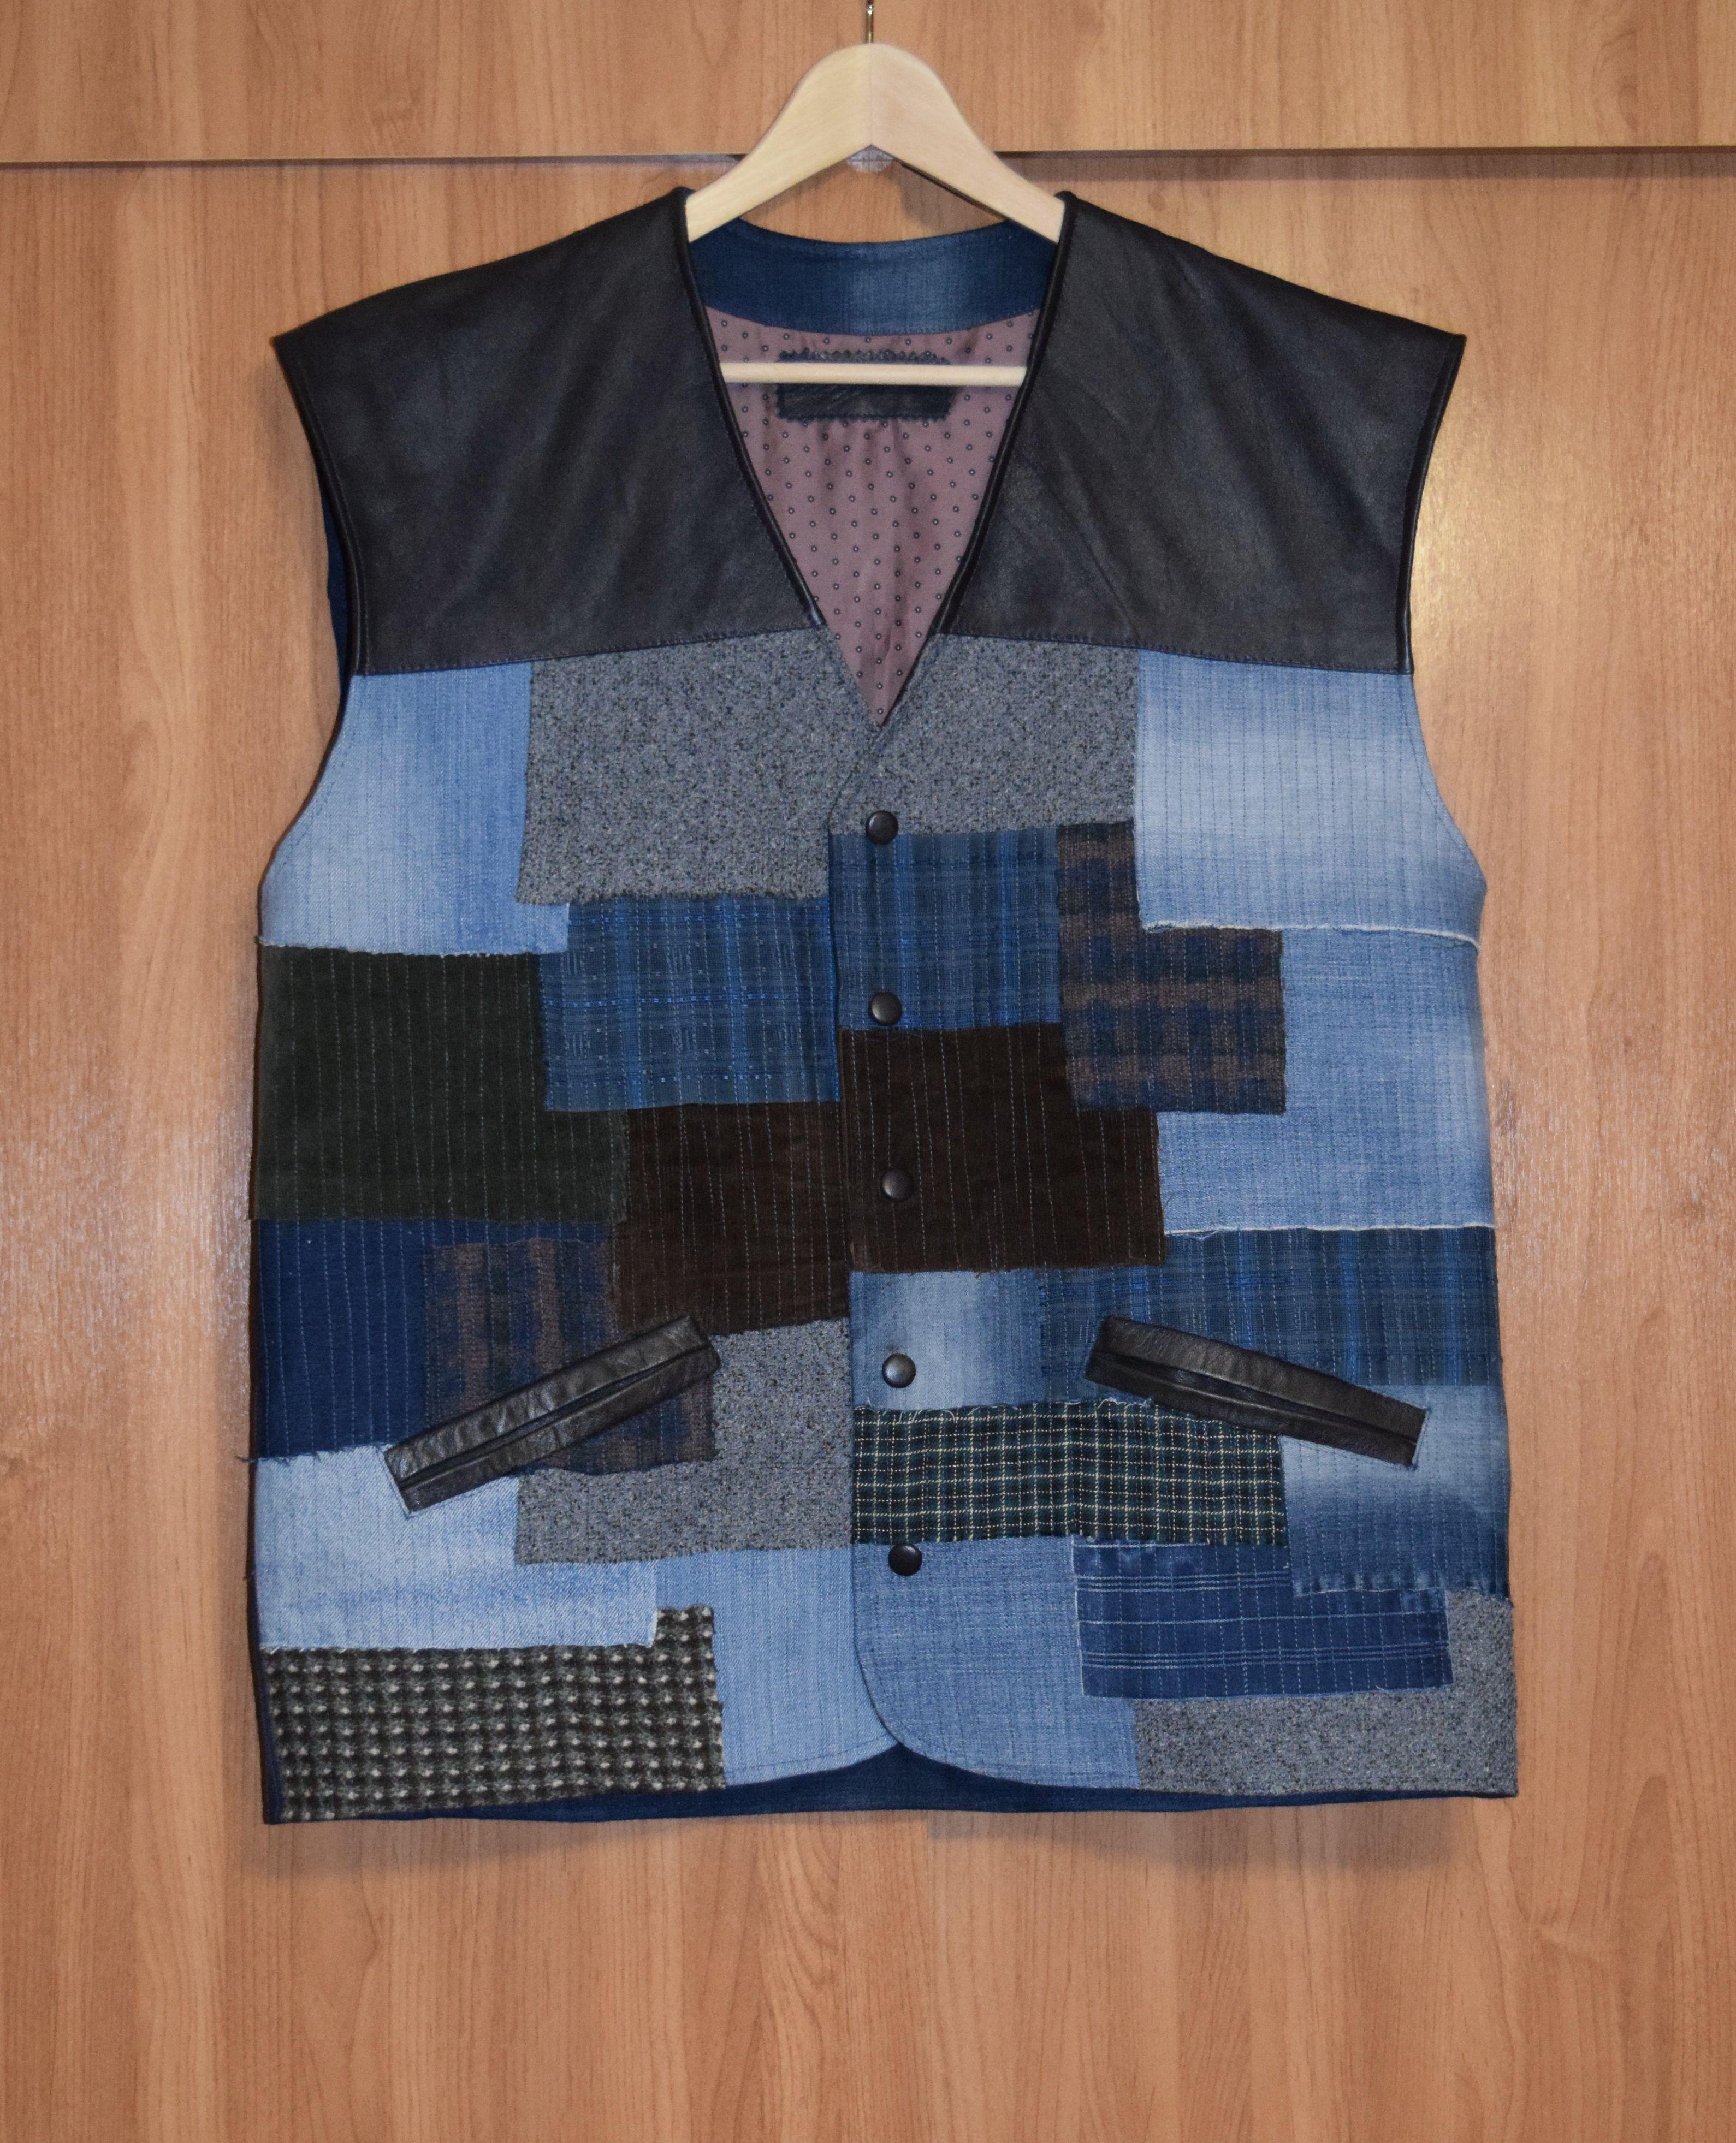 своимируками одежда купить hendmade жилет креатив стиль кэжуал джинс кожа мода мужской